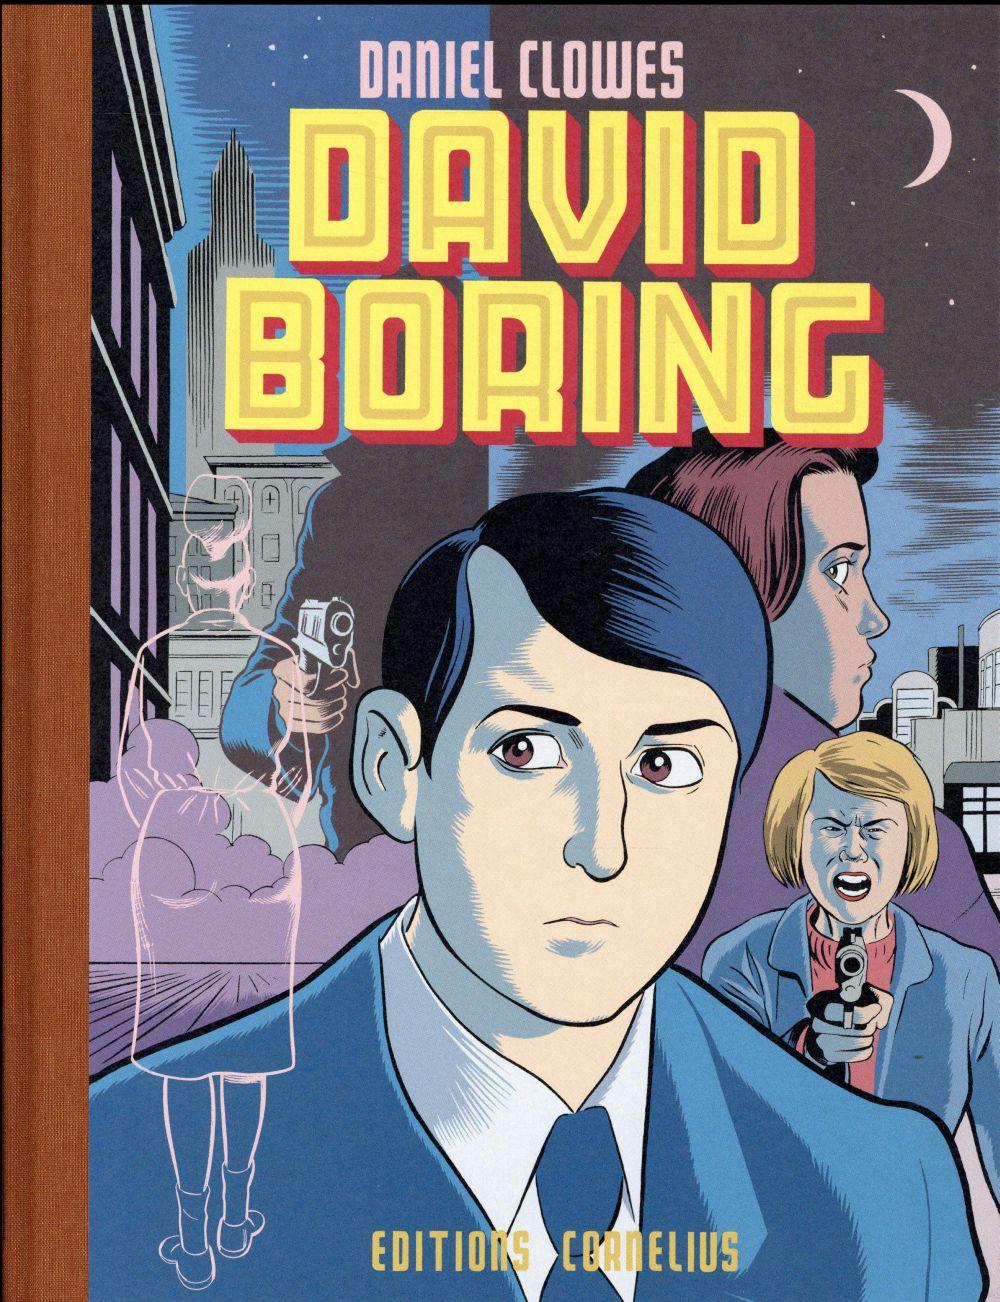 DAVID BORING NED